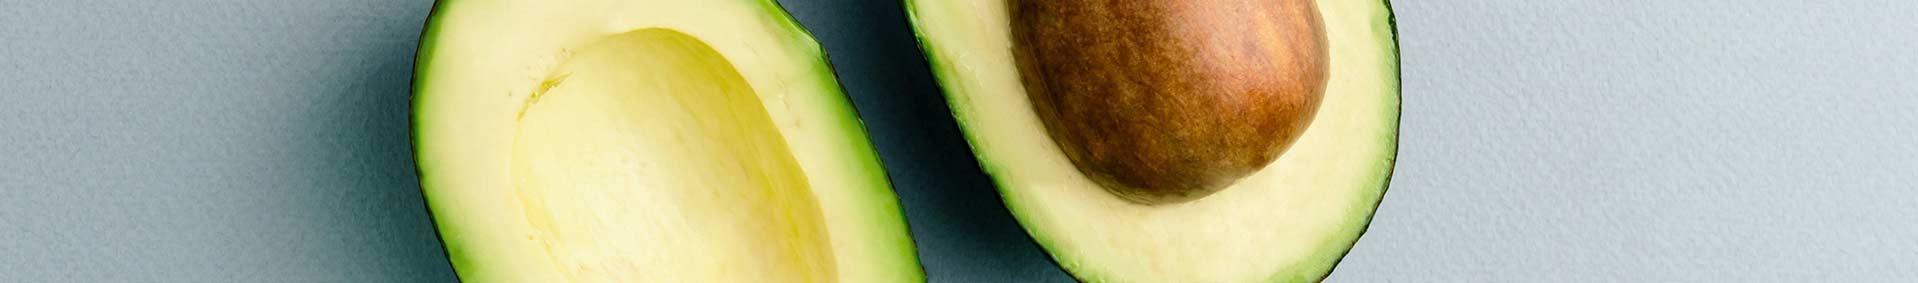 Gesunde Ernährung und Lebensführung: Avocado